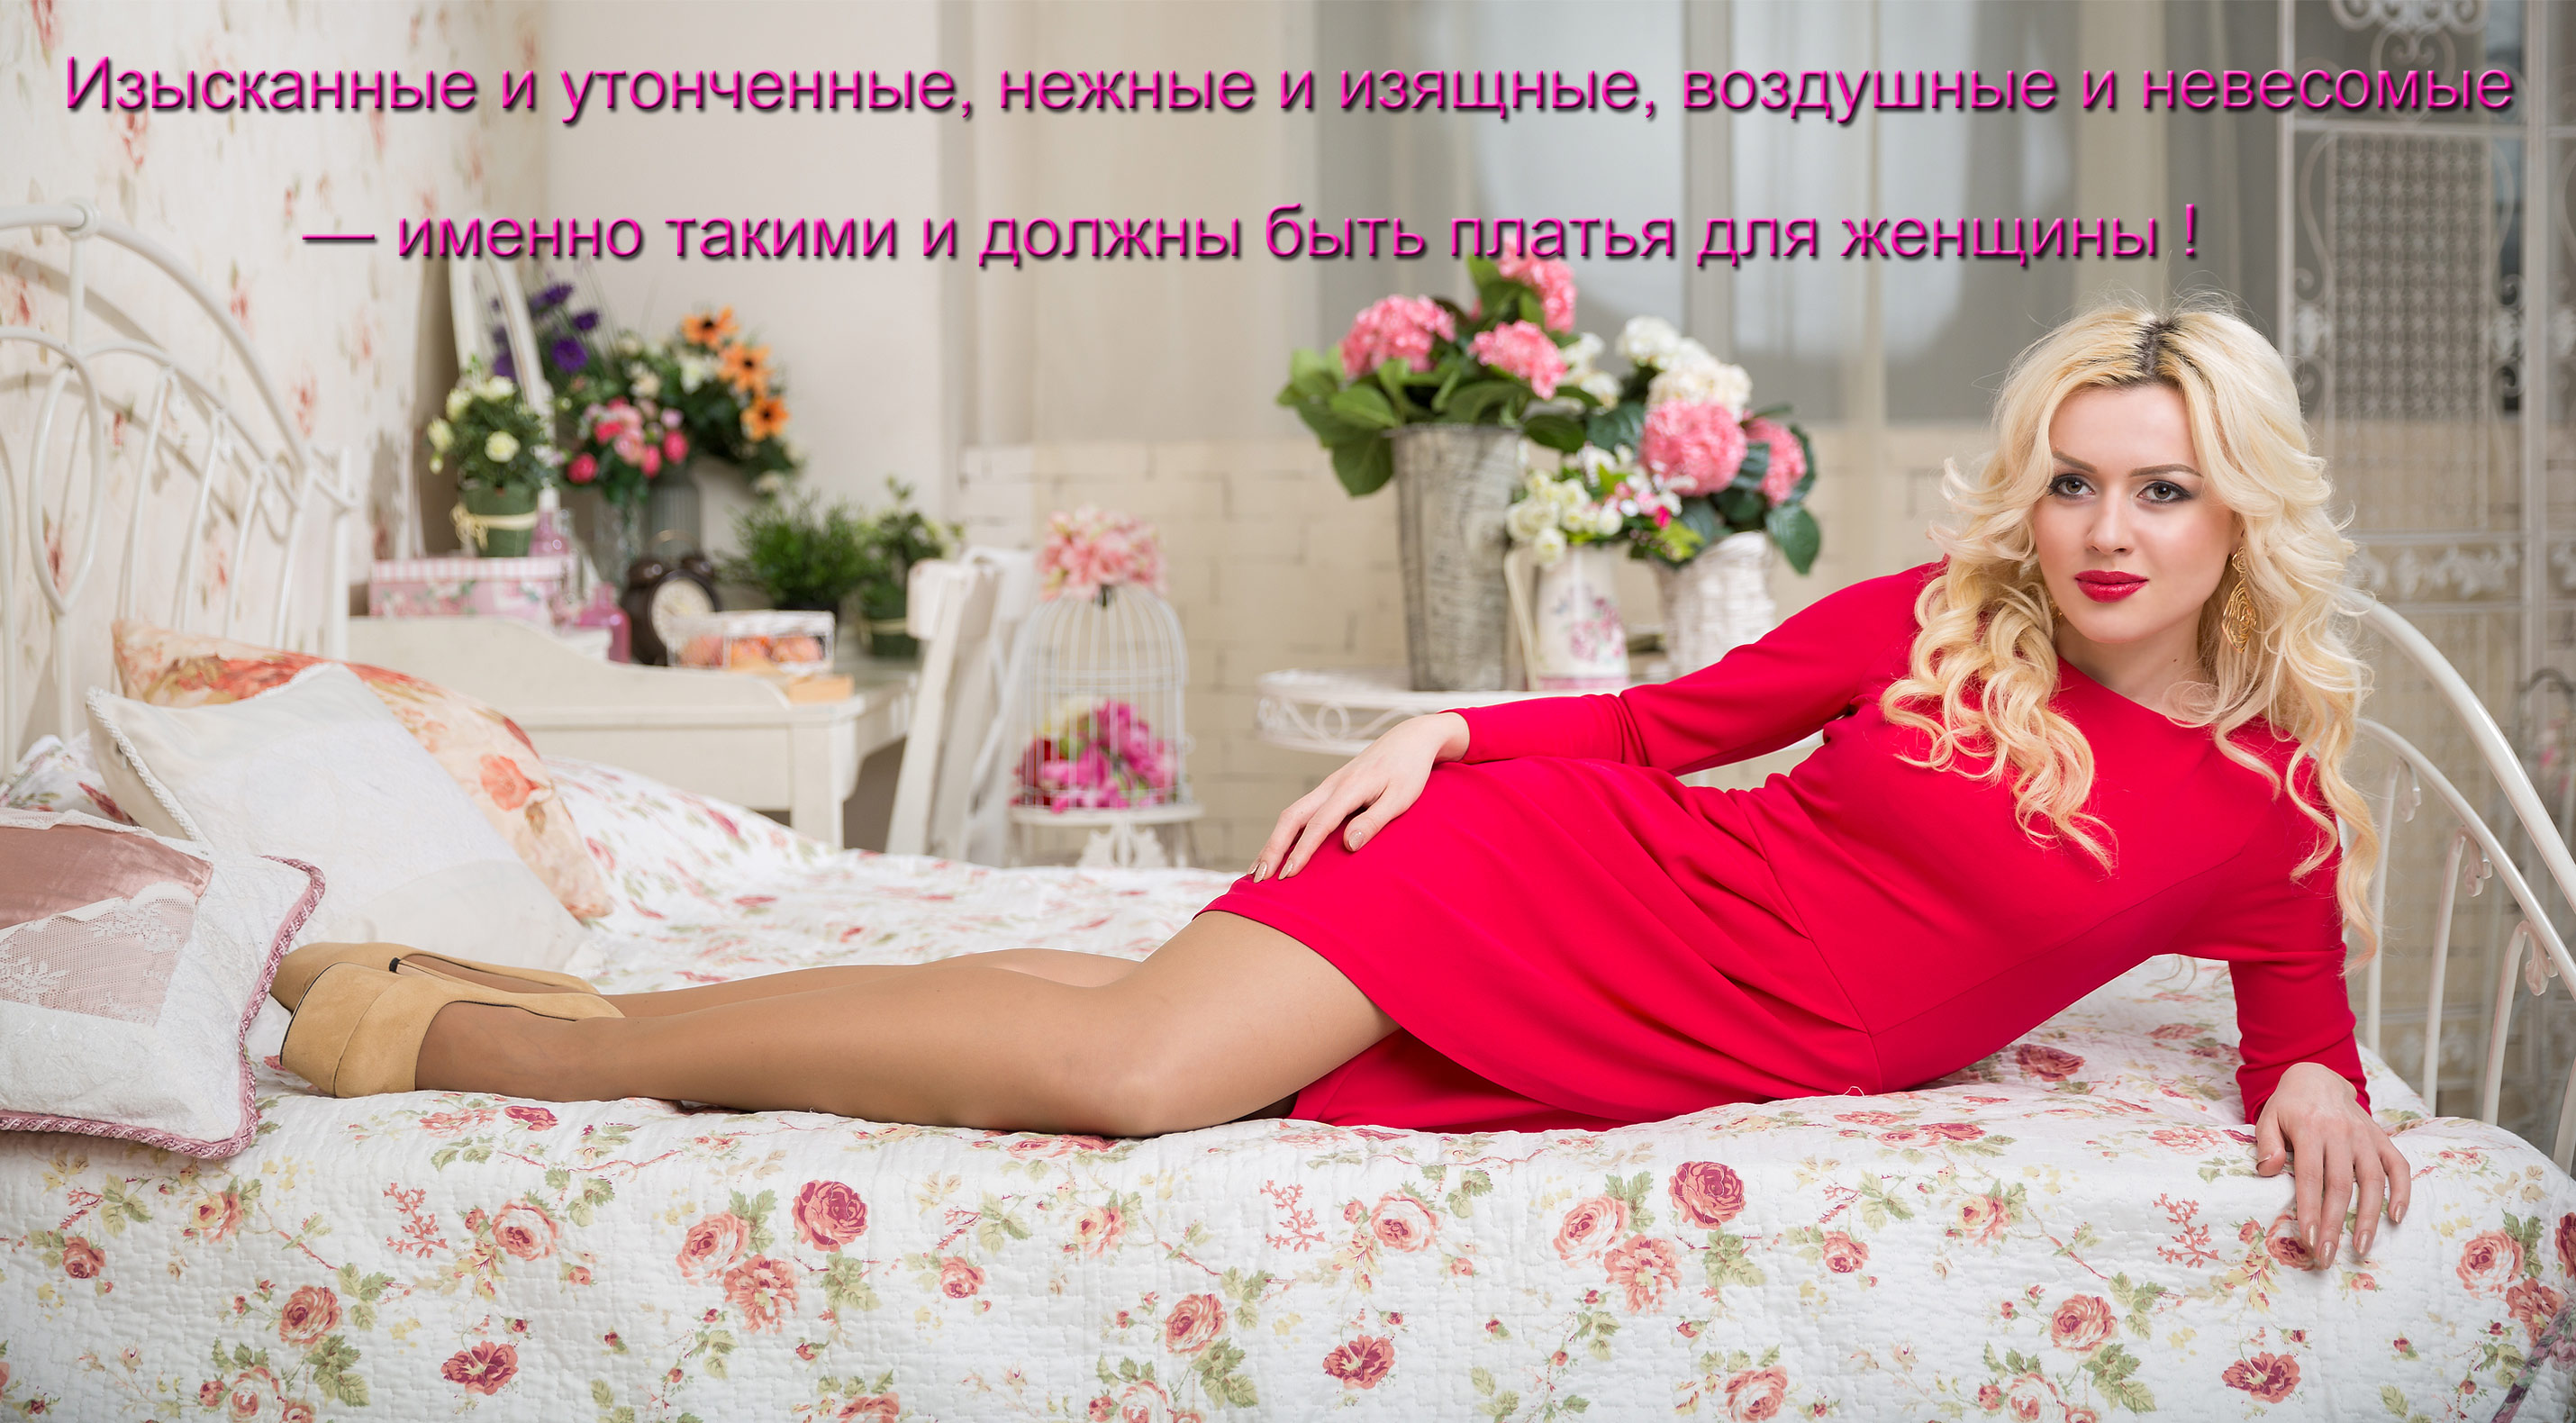 Сбор заказов. Трикотаж Л@л@ Ст@йл. Женский и мужской трикотаж из натуральных тканей европейского производства. Новая коллекция платьев и распродажа от 99 руб!